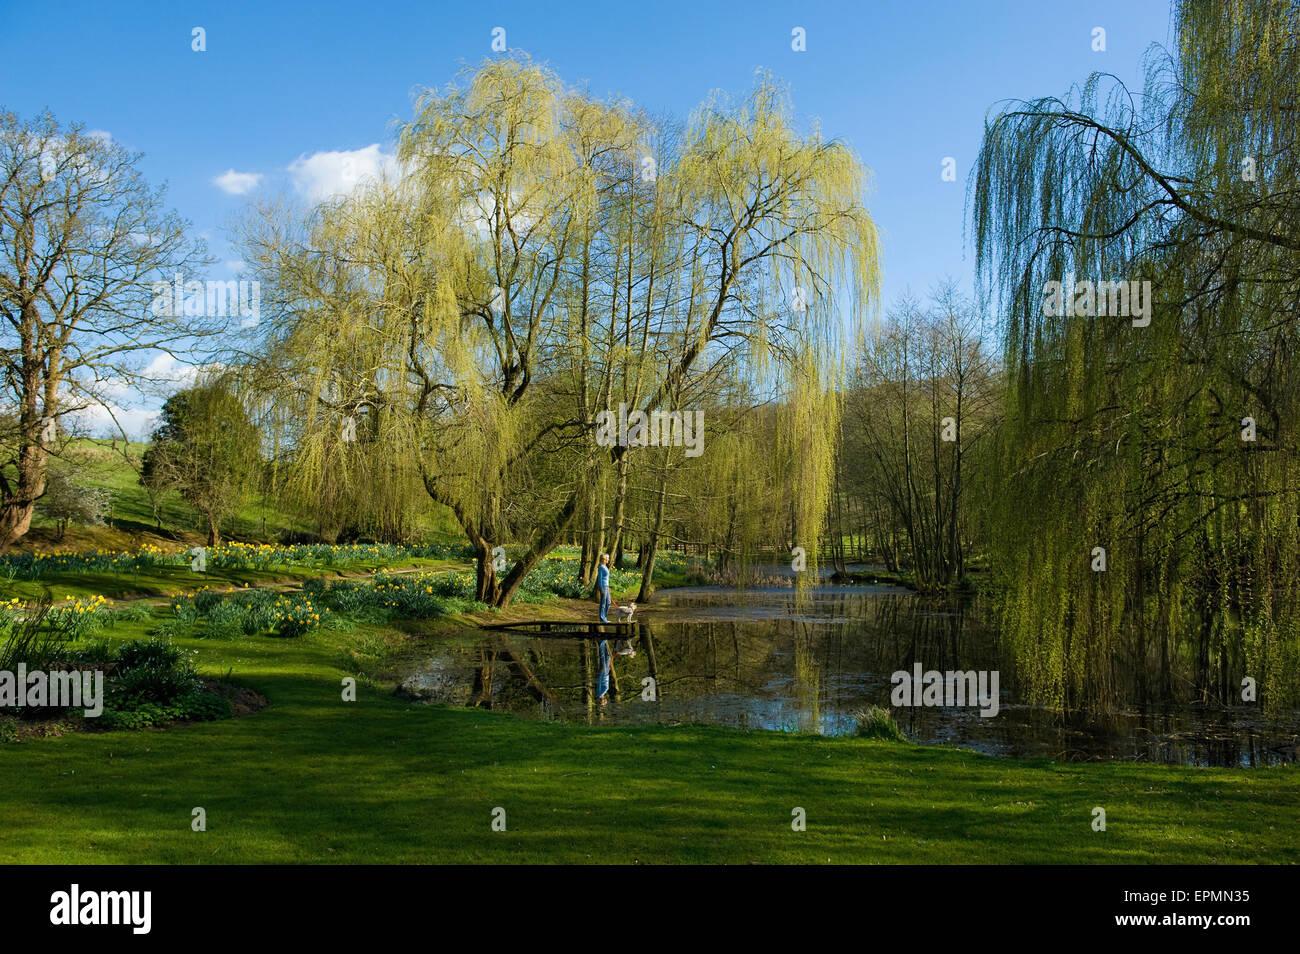 Una donna e un cane in piedi su un molo su un lago, con salice piangente fronde raggiungendo verso l'acqua. Immagini Stock